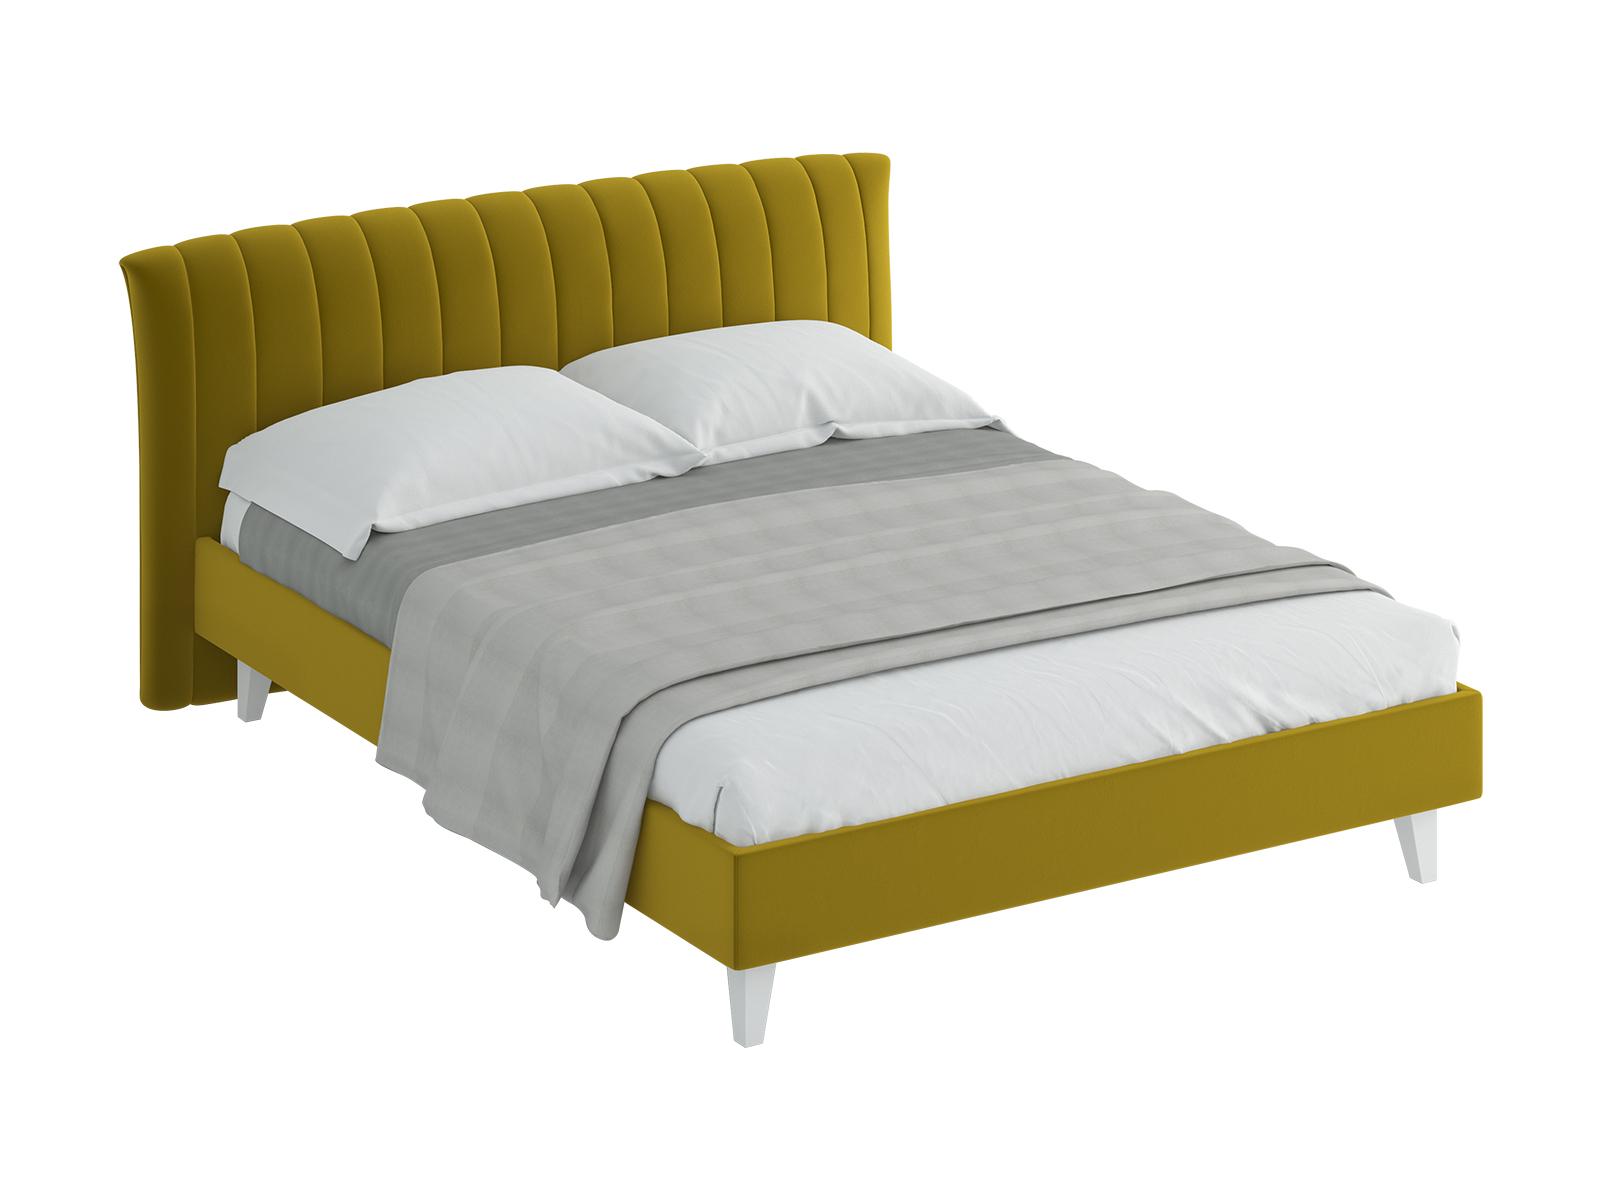 Кровать Queen Anastasia LКровати<br>Кровать двуспальная.  Спинка кровати оформлена декоративной строчкой. Основание установлено на ножки из массива дерева и обрамлено мягкими царгами. Размер спального места: 1600х2000 мм.<br>